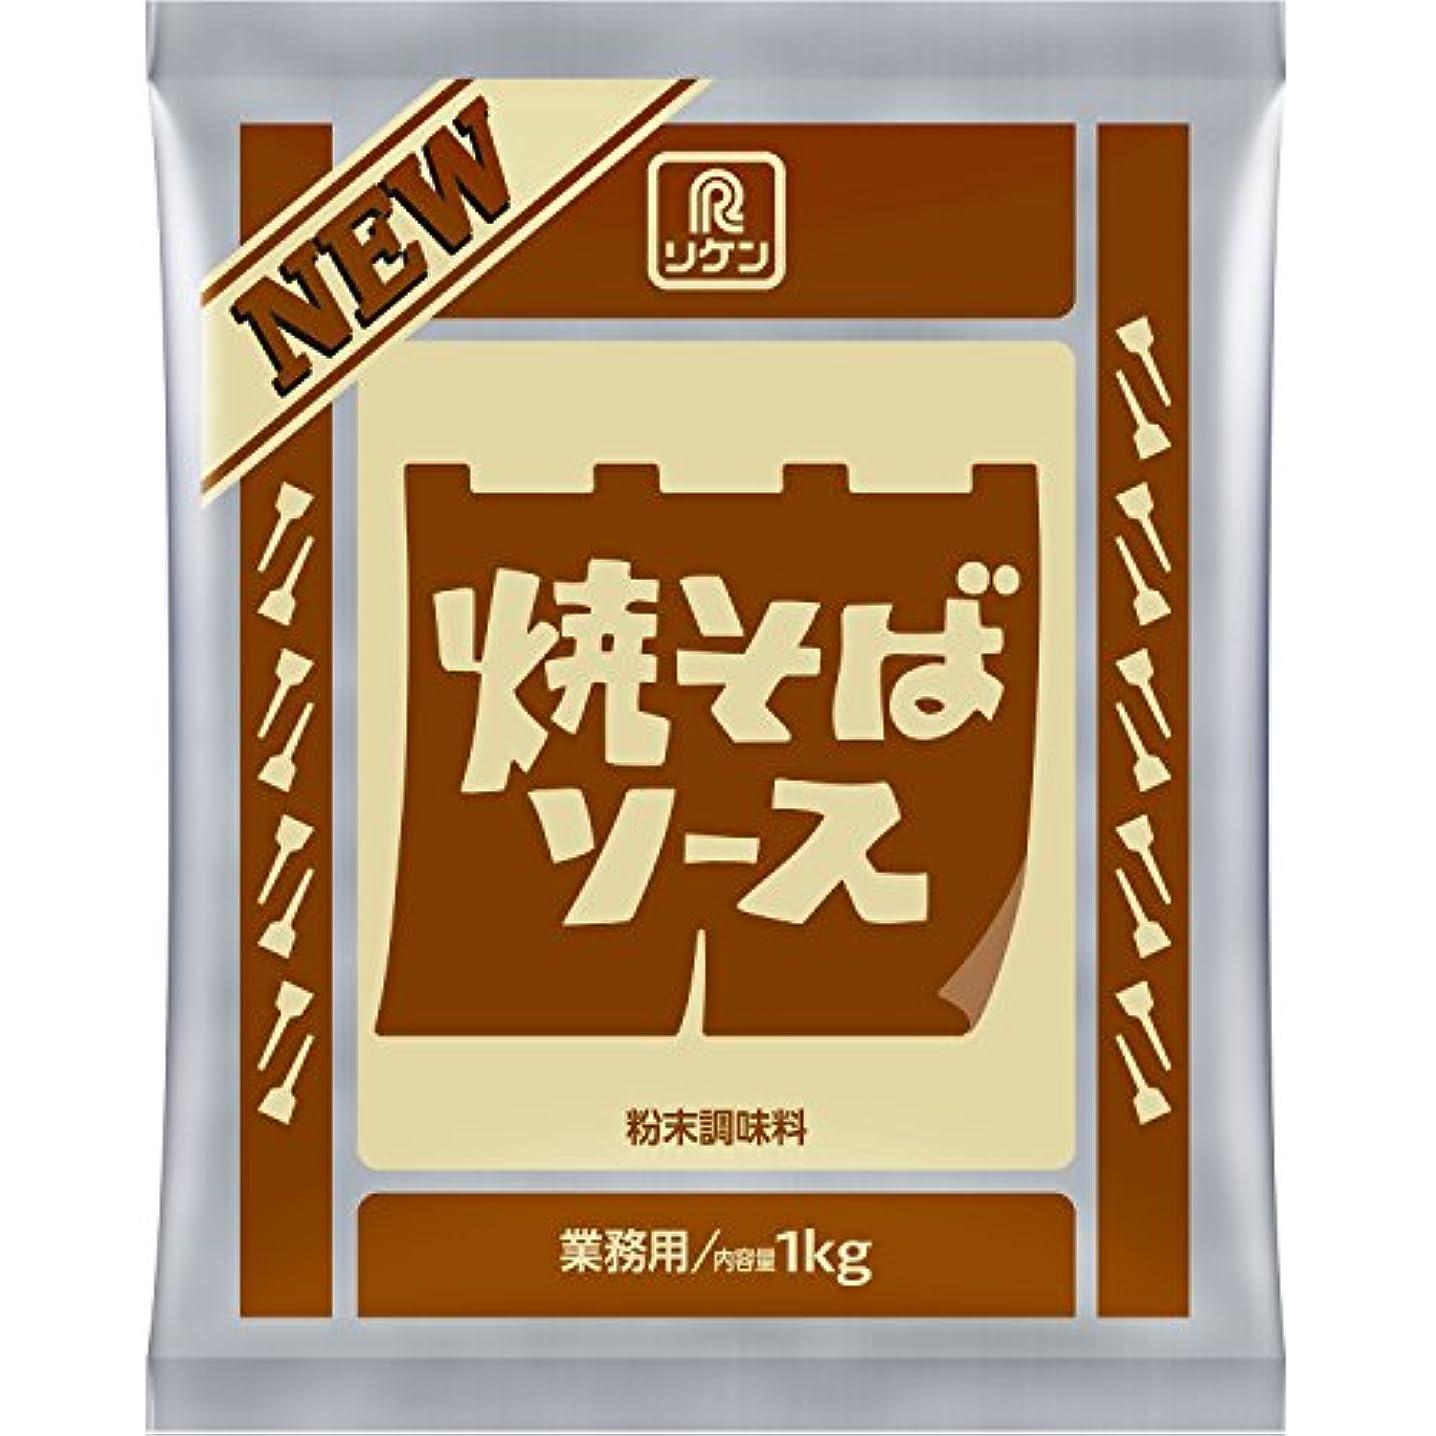 多様体リーク蒸リケン 焼きそばソース(粉末) 1kg